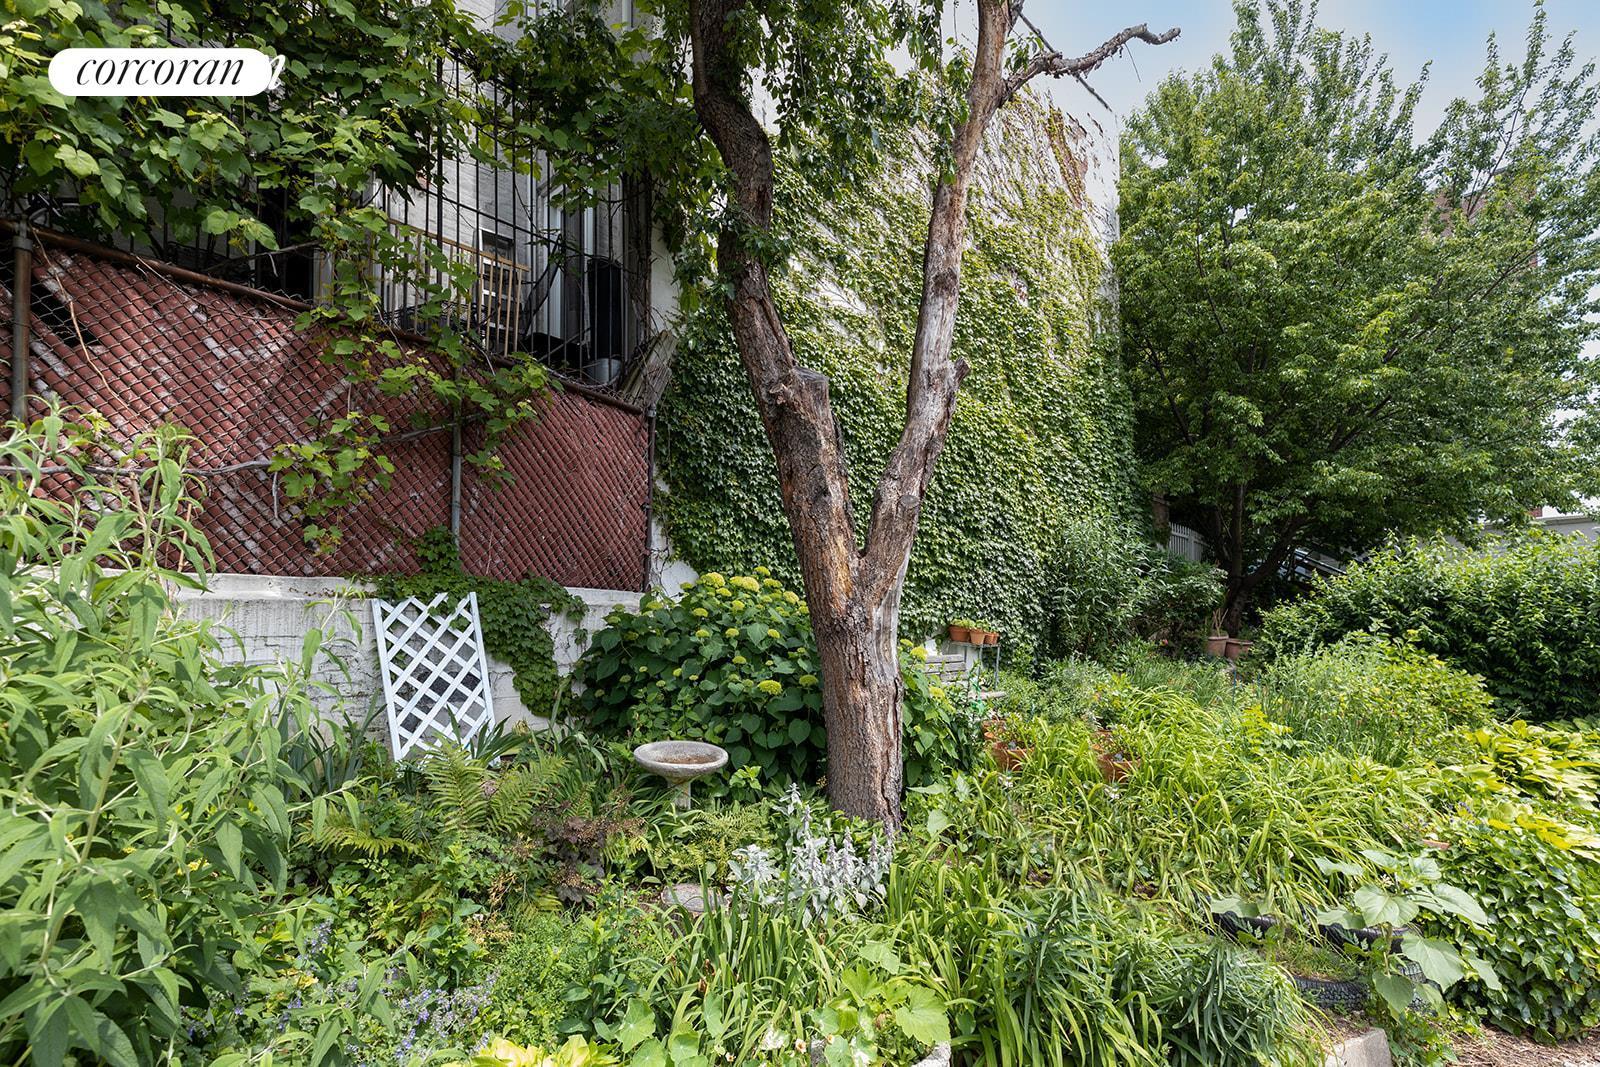 167 Seeley Street Windsor Terrace Brooklyn NY 11218